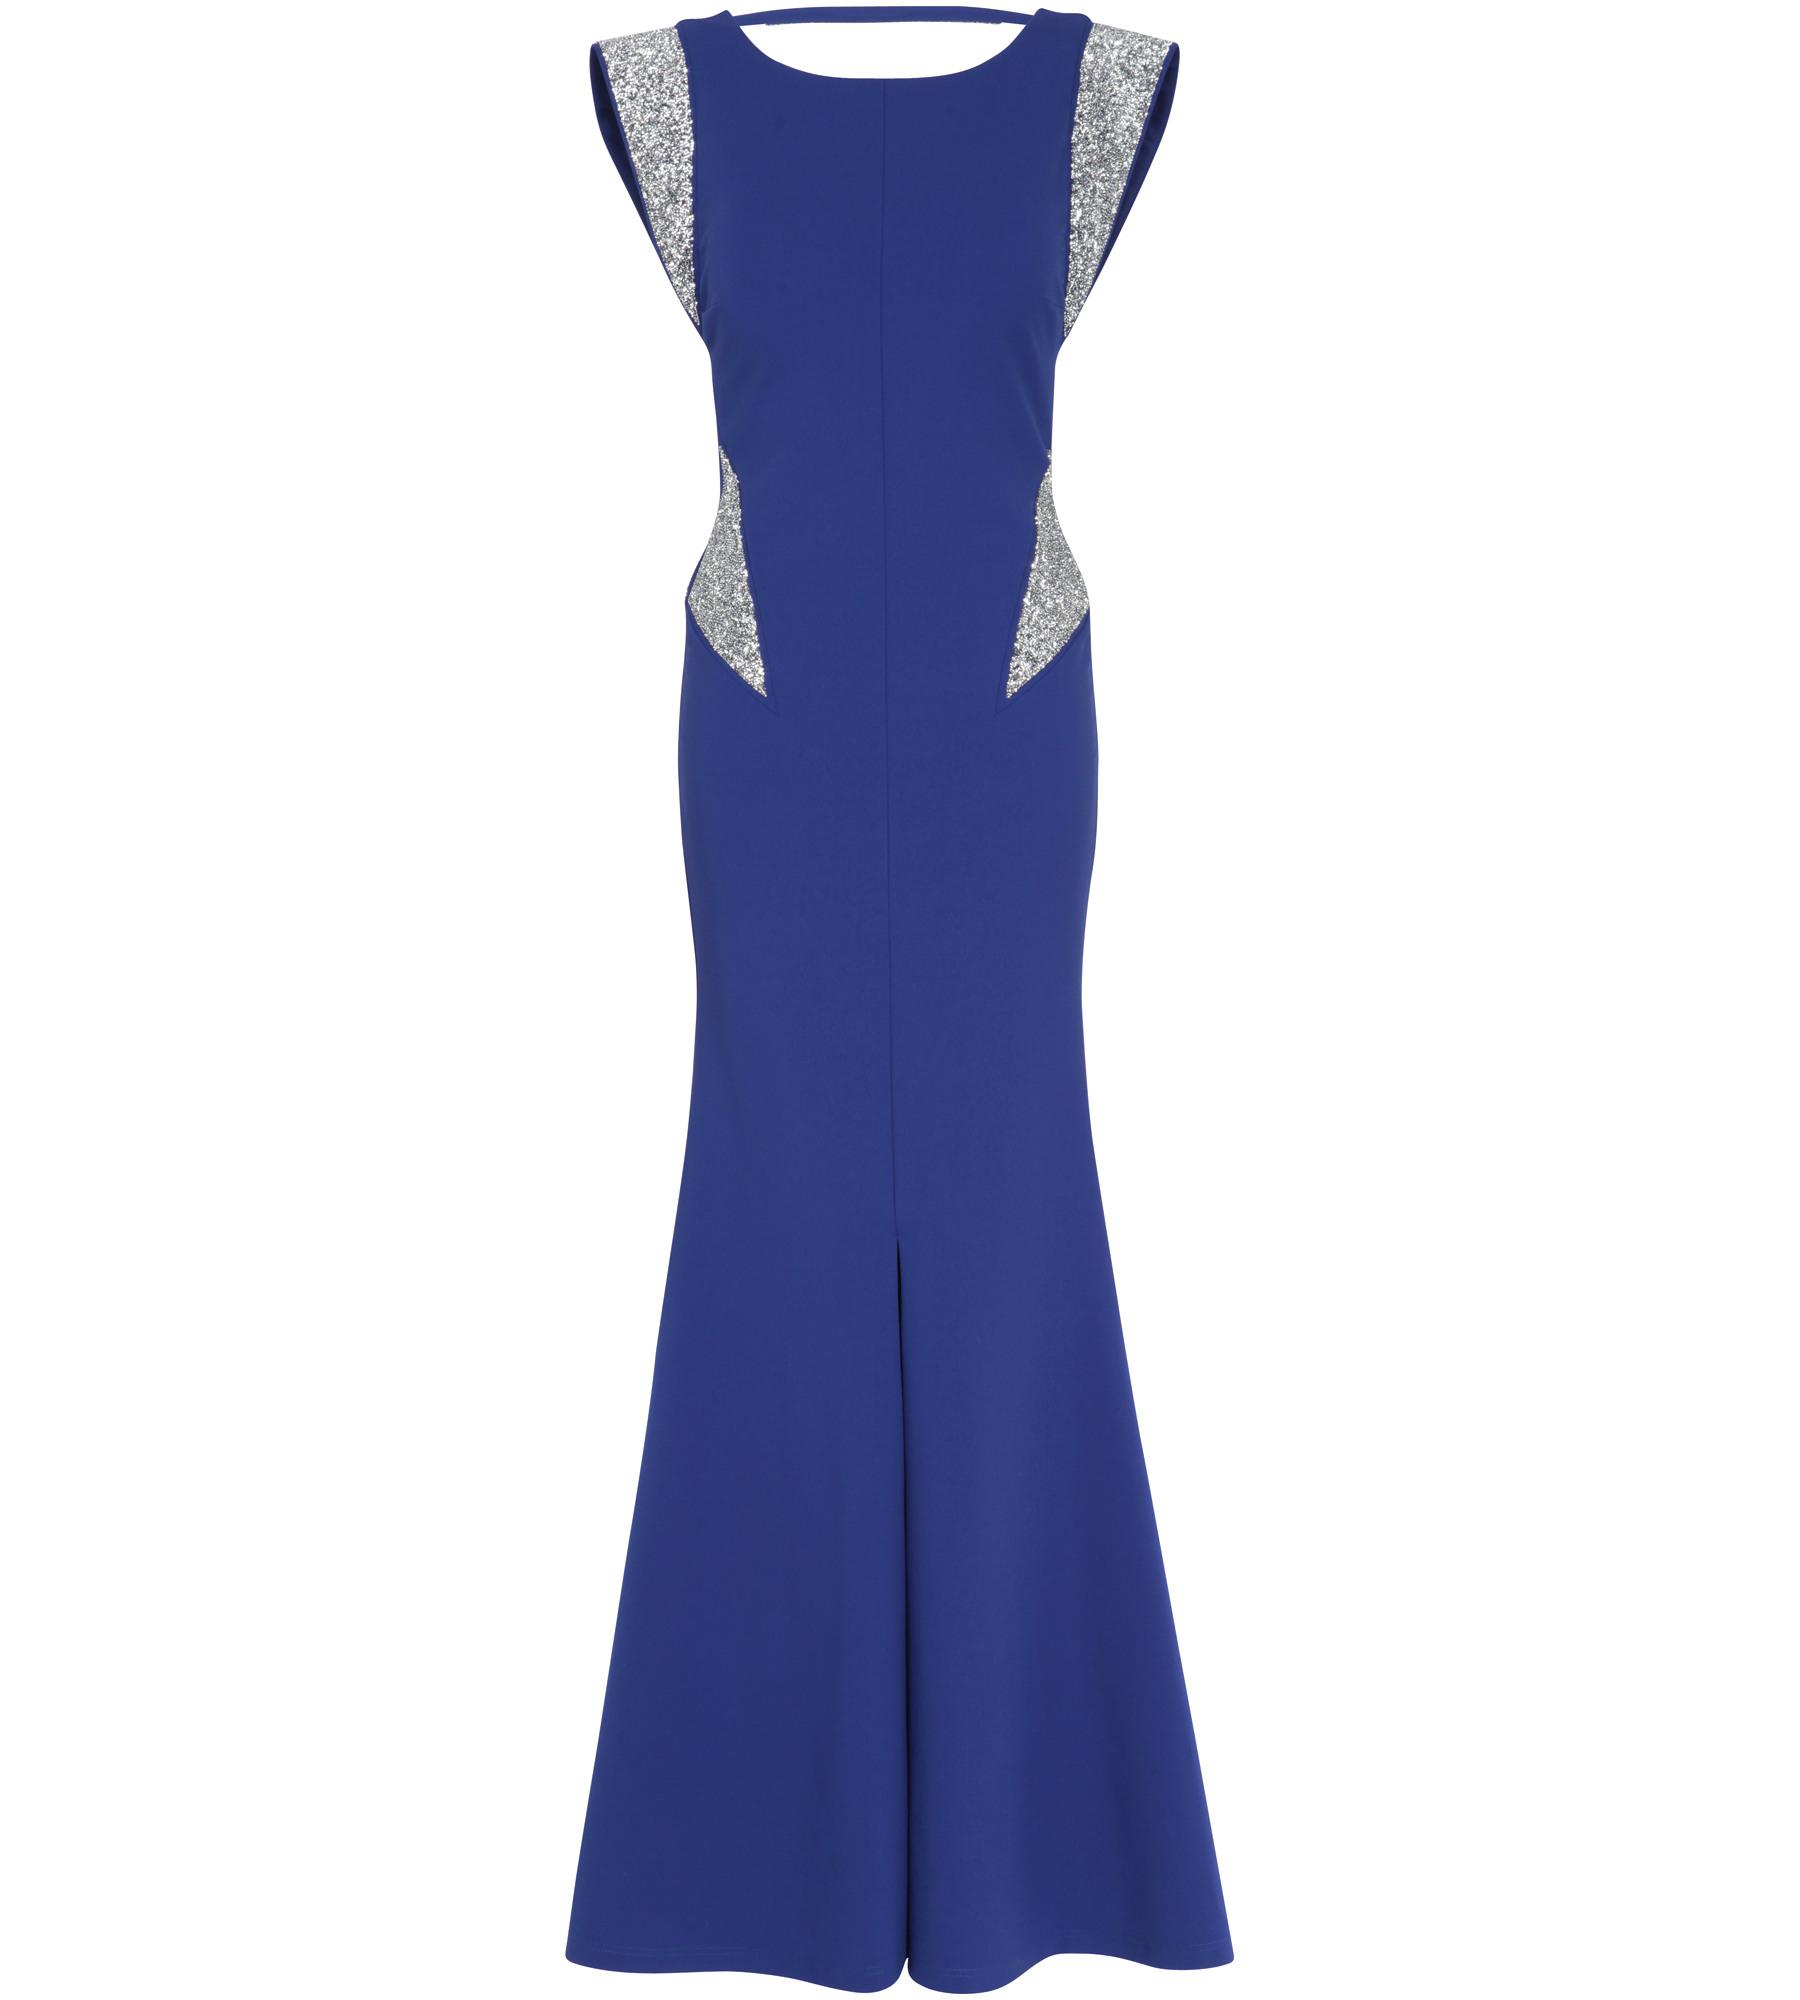 15 Ausgezeichnet Royalblau Kleid für 2019Designer Schön Royalblau Kleid Ärmel